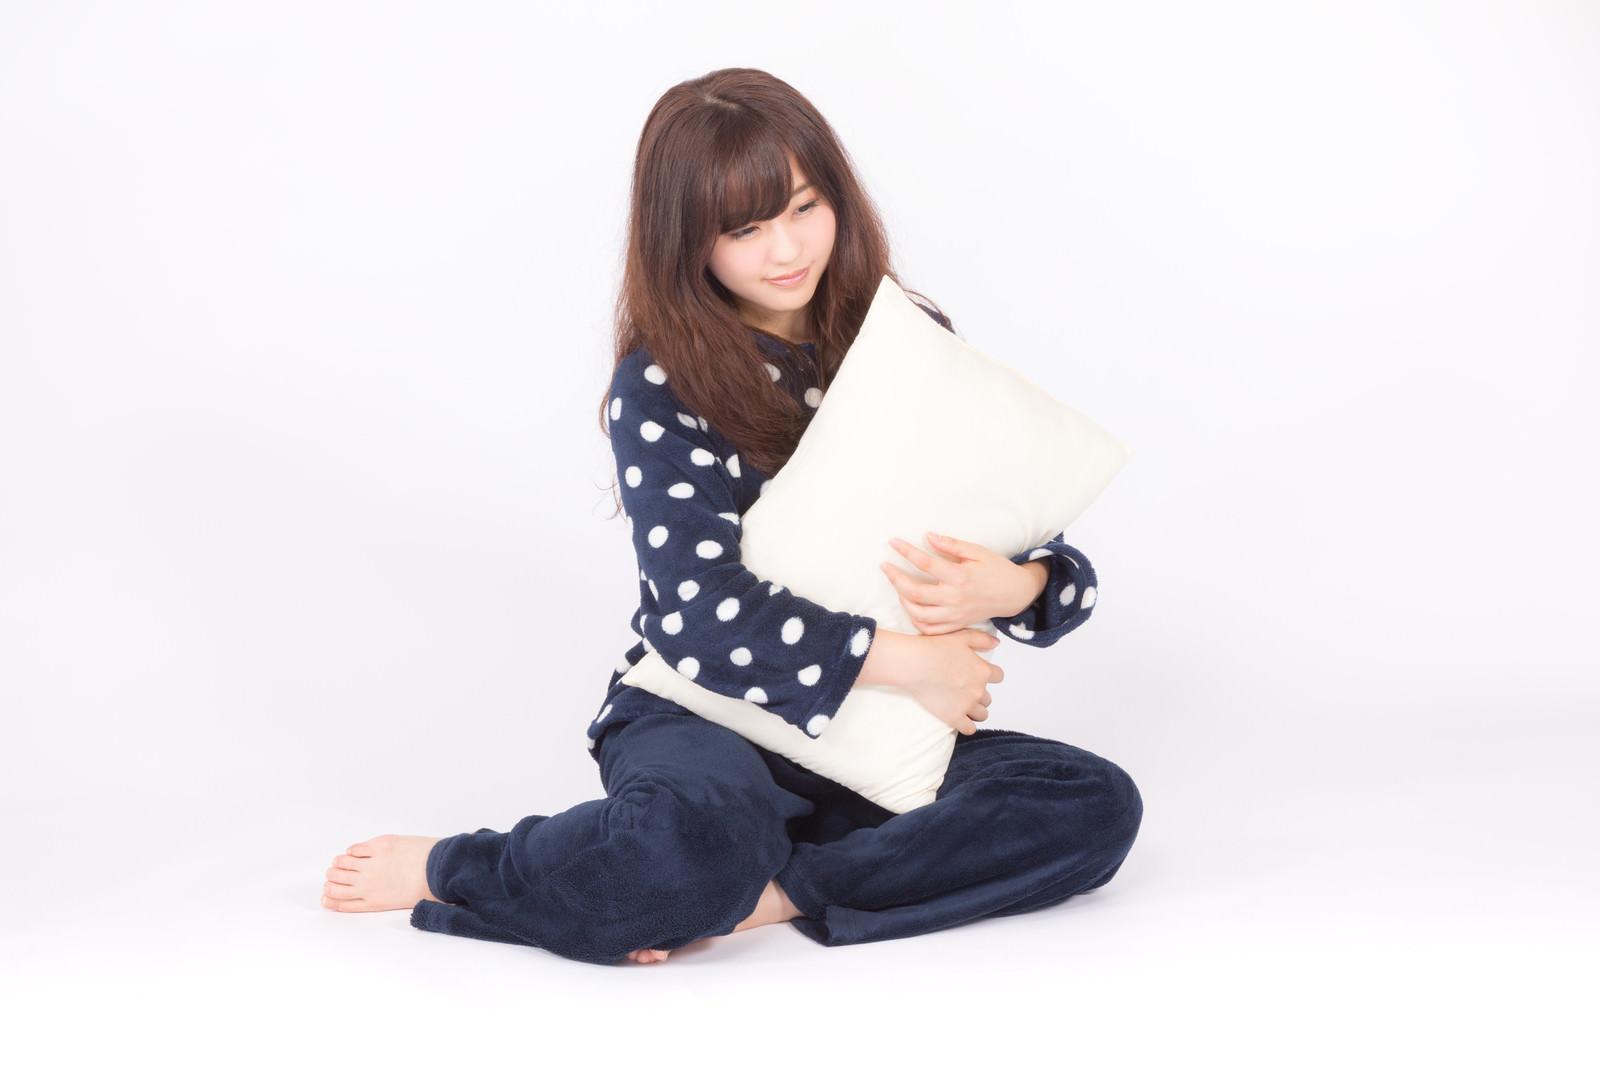 「枕を抱いて眠そうな表情の若いパジャマ姿の女性」の写真